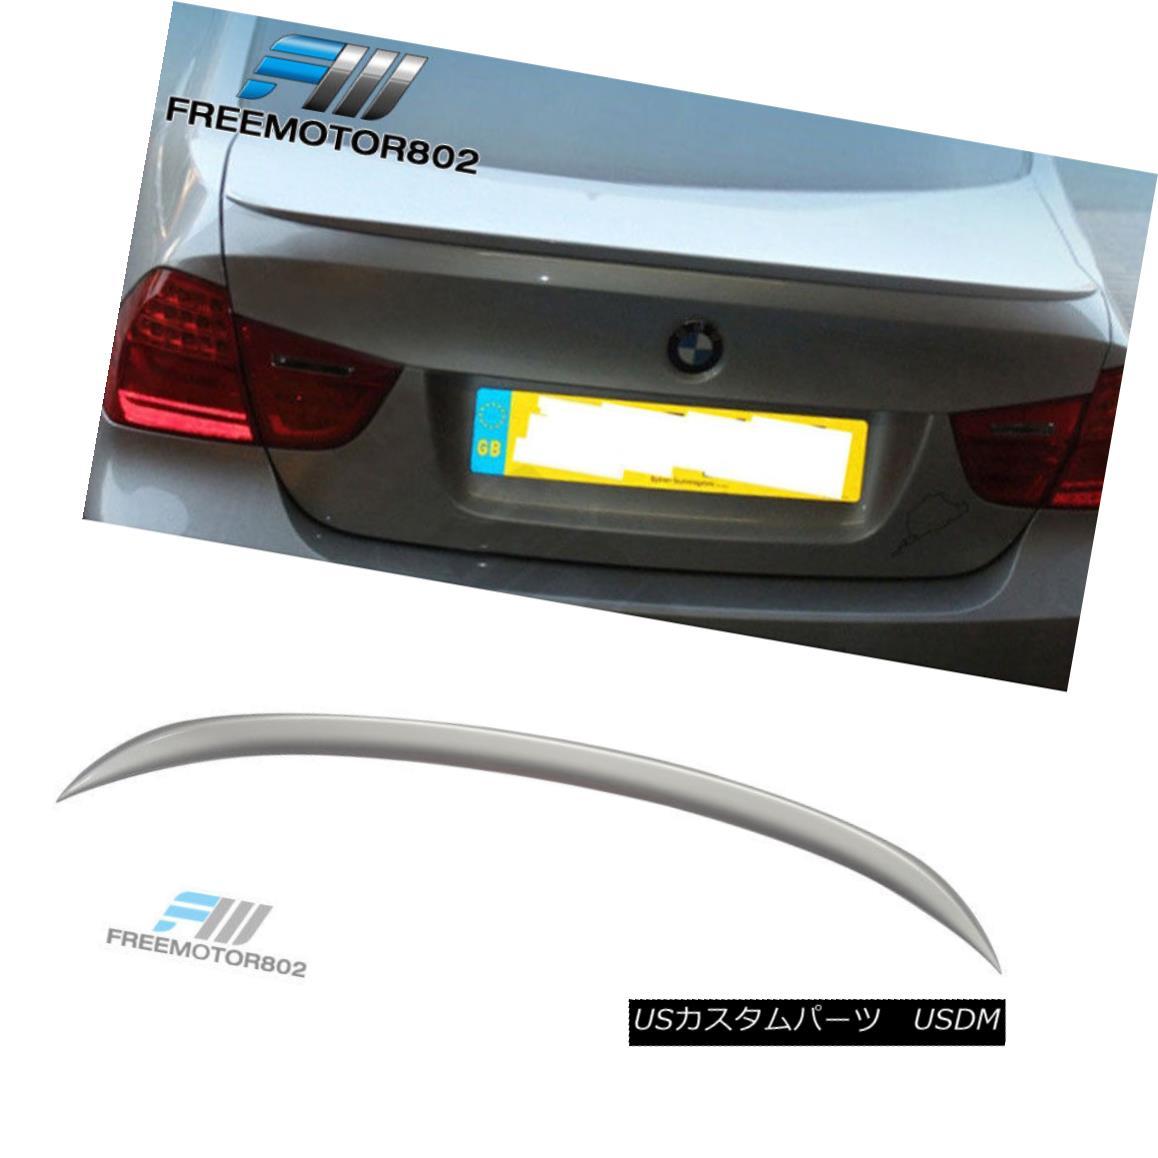 エアロパーツ Fit 06-11 BMW 3-Series E90 Trunk Spoiler Wing ABS Titanium Silver Painted # 354 フィット06-11 BMW 3シリーズE90トランクスポイラーウィングABSチタンシルバー塗装#354